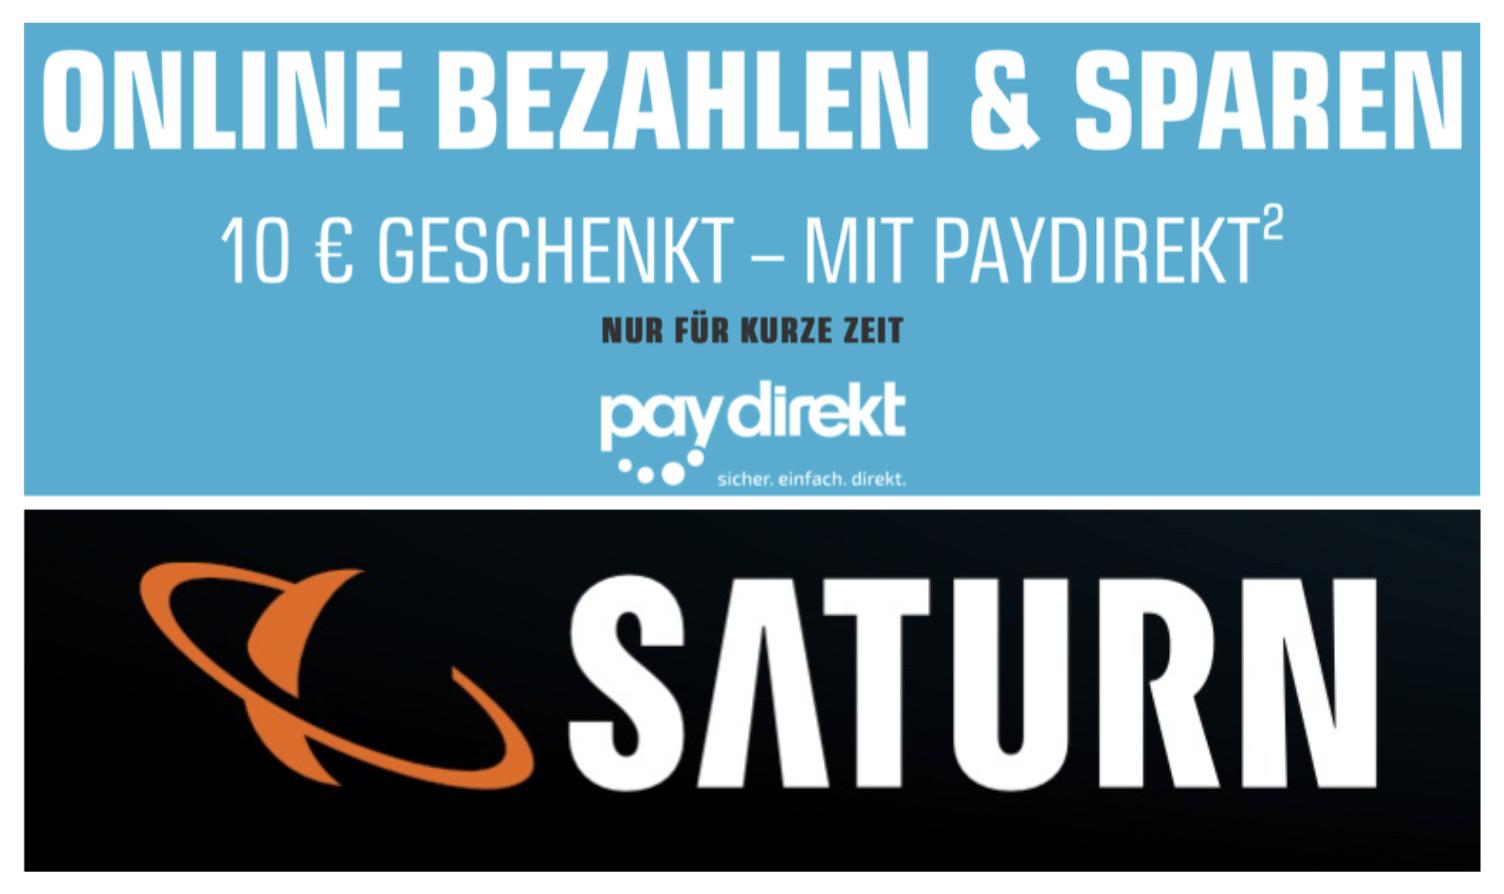 10€ Geschenkt ab 50€ MBW mit Paydirekt bei Saturn